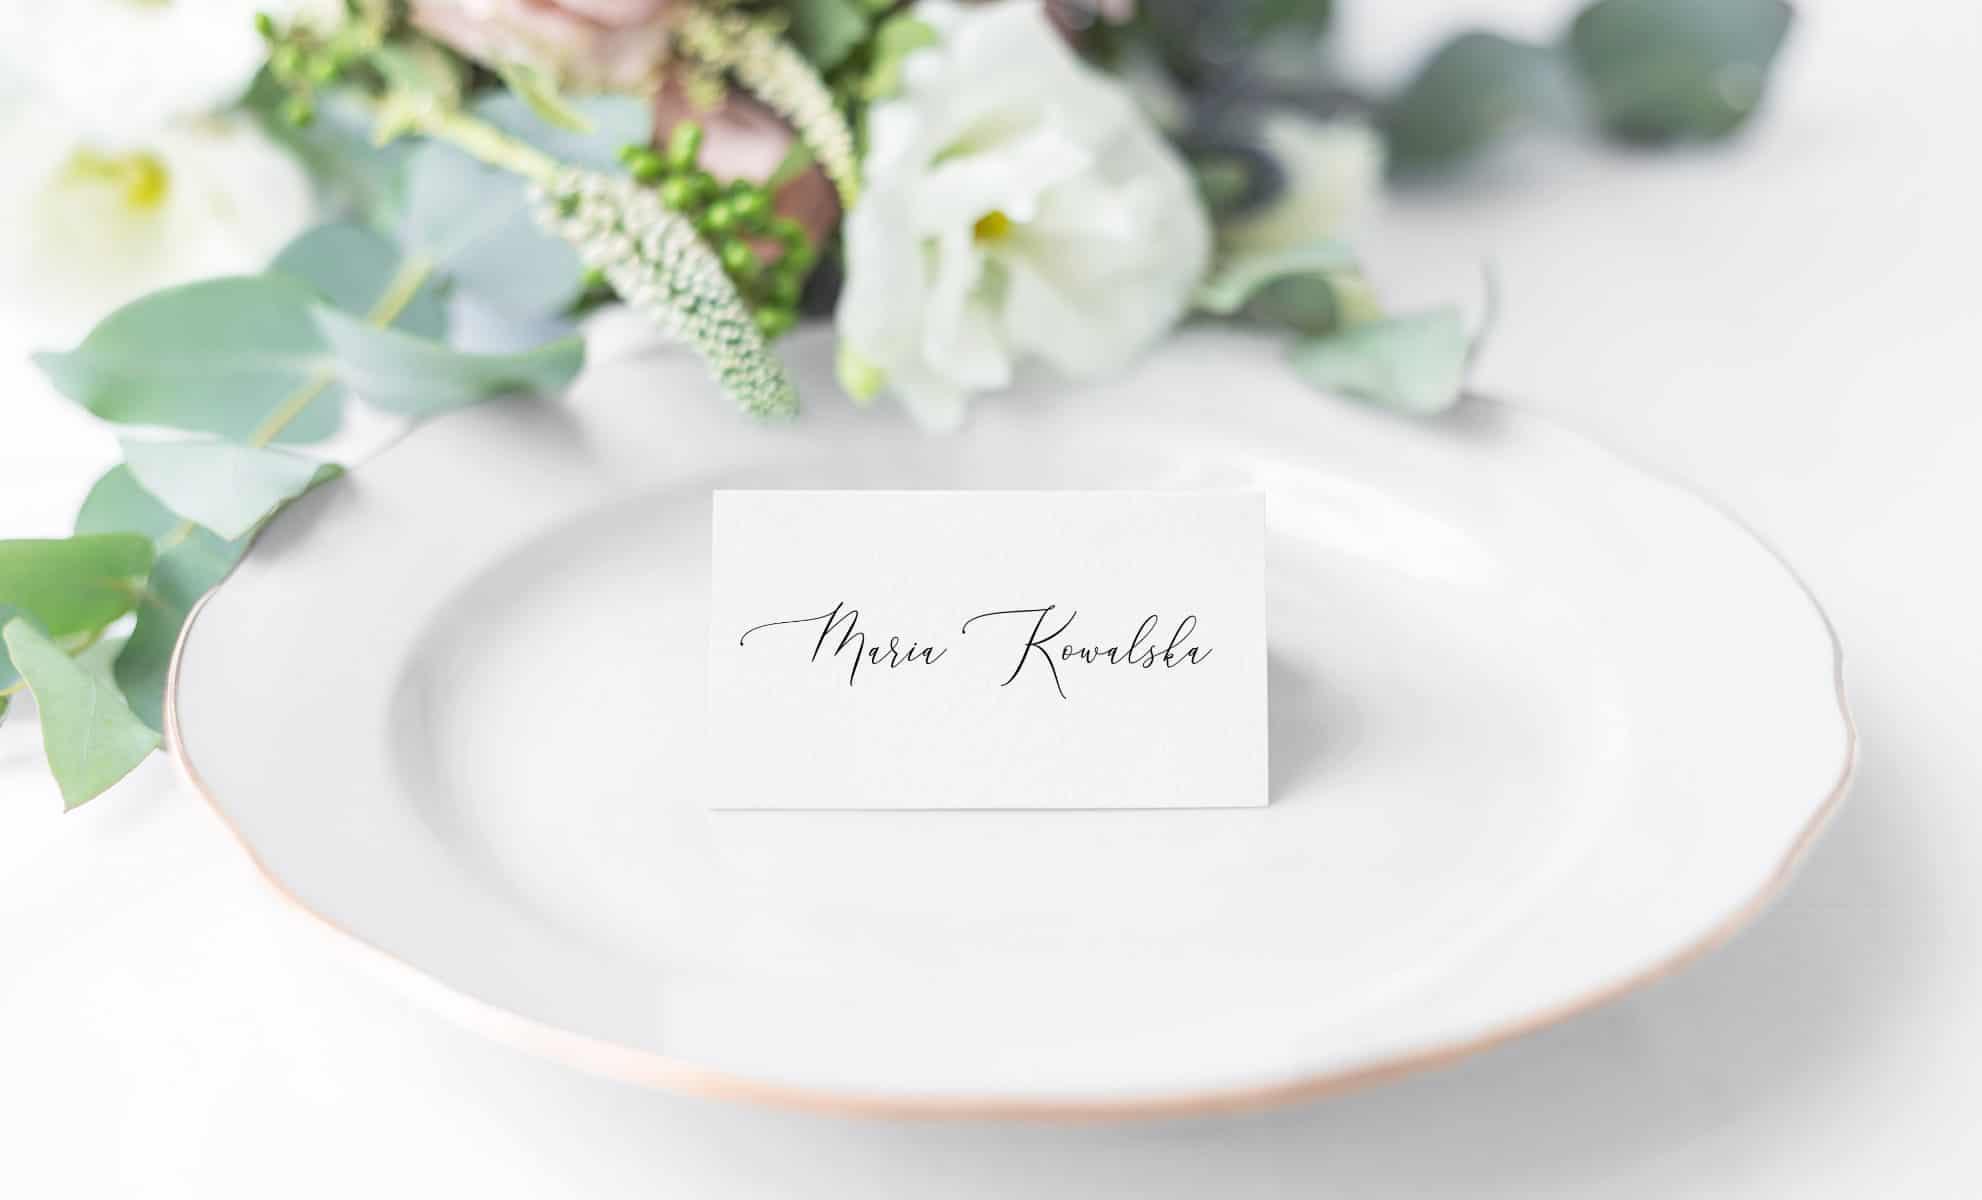 Winietki weselne proste, minimalistyczne